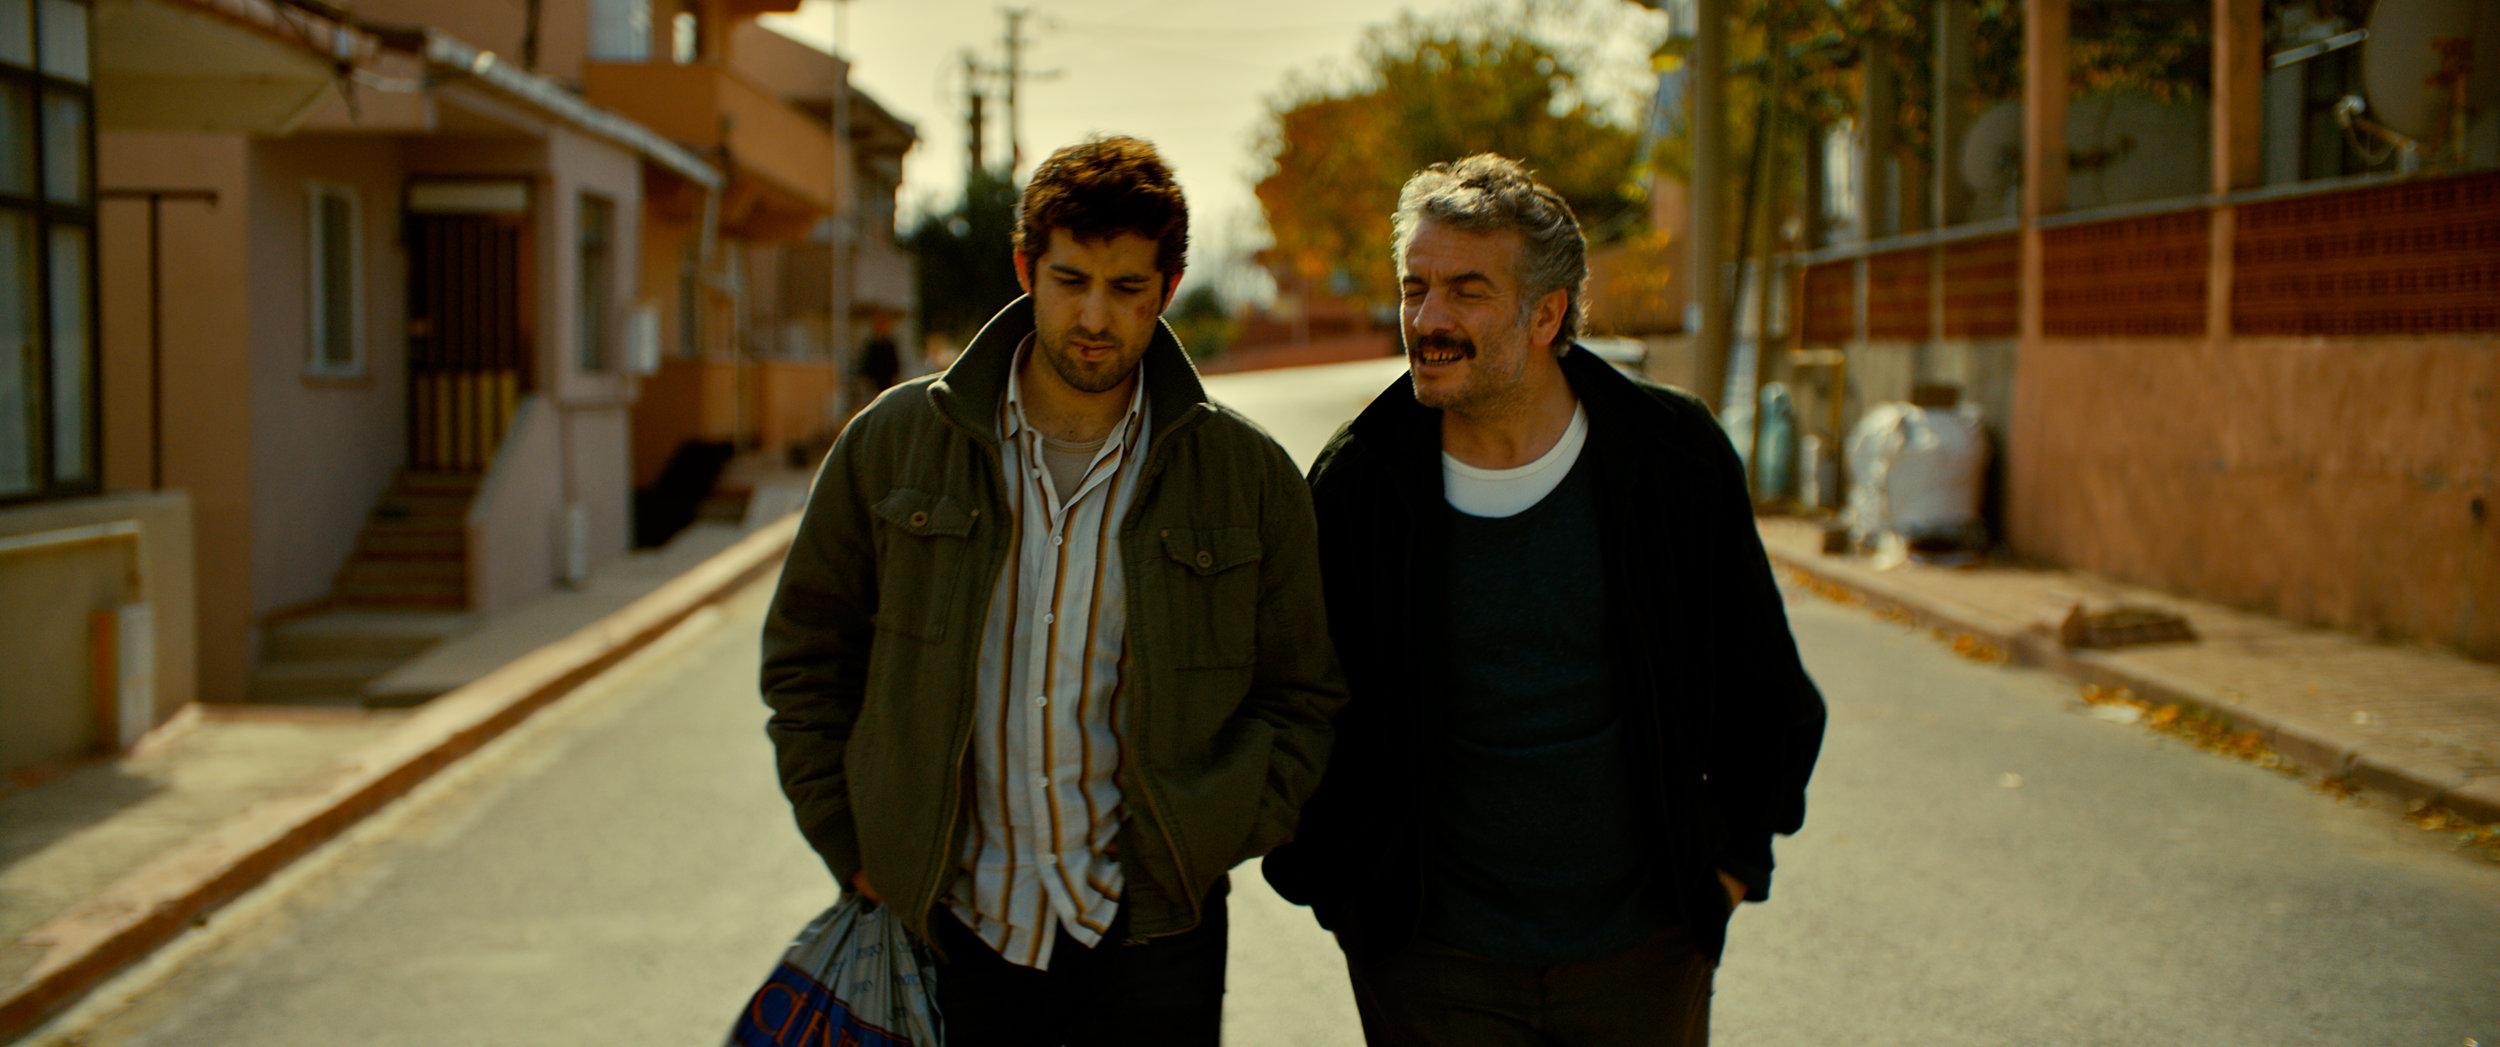 Sinan og faren Idris (Murat Cemcir) har et anstrengt forhold fordi faren bruker alle pengene sine på gambling.